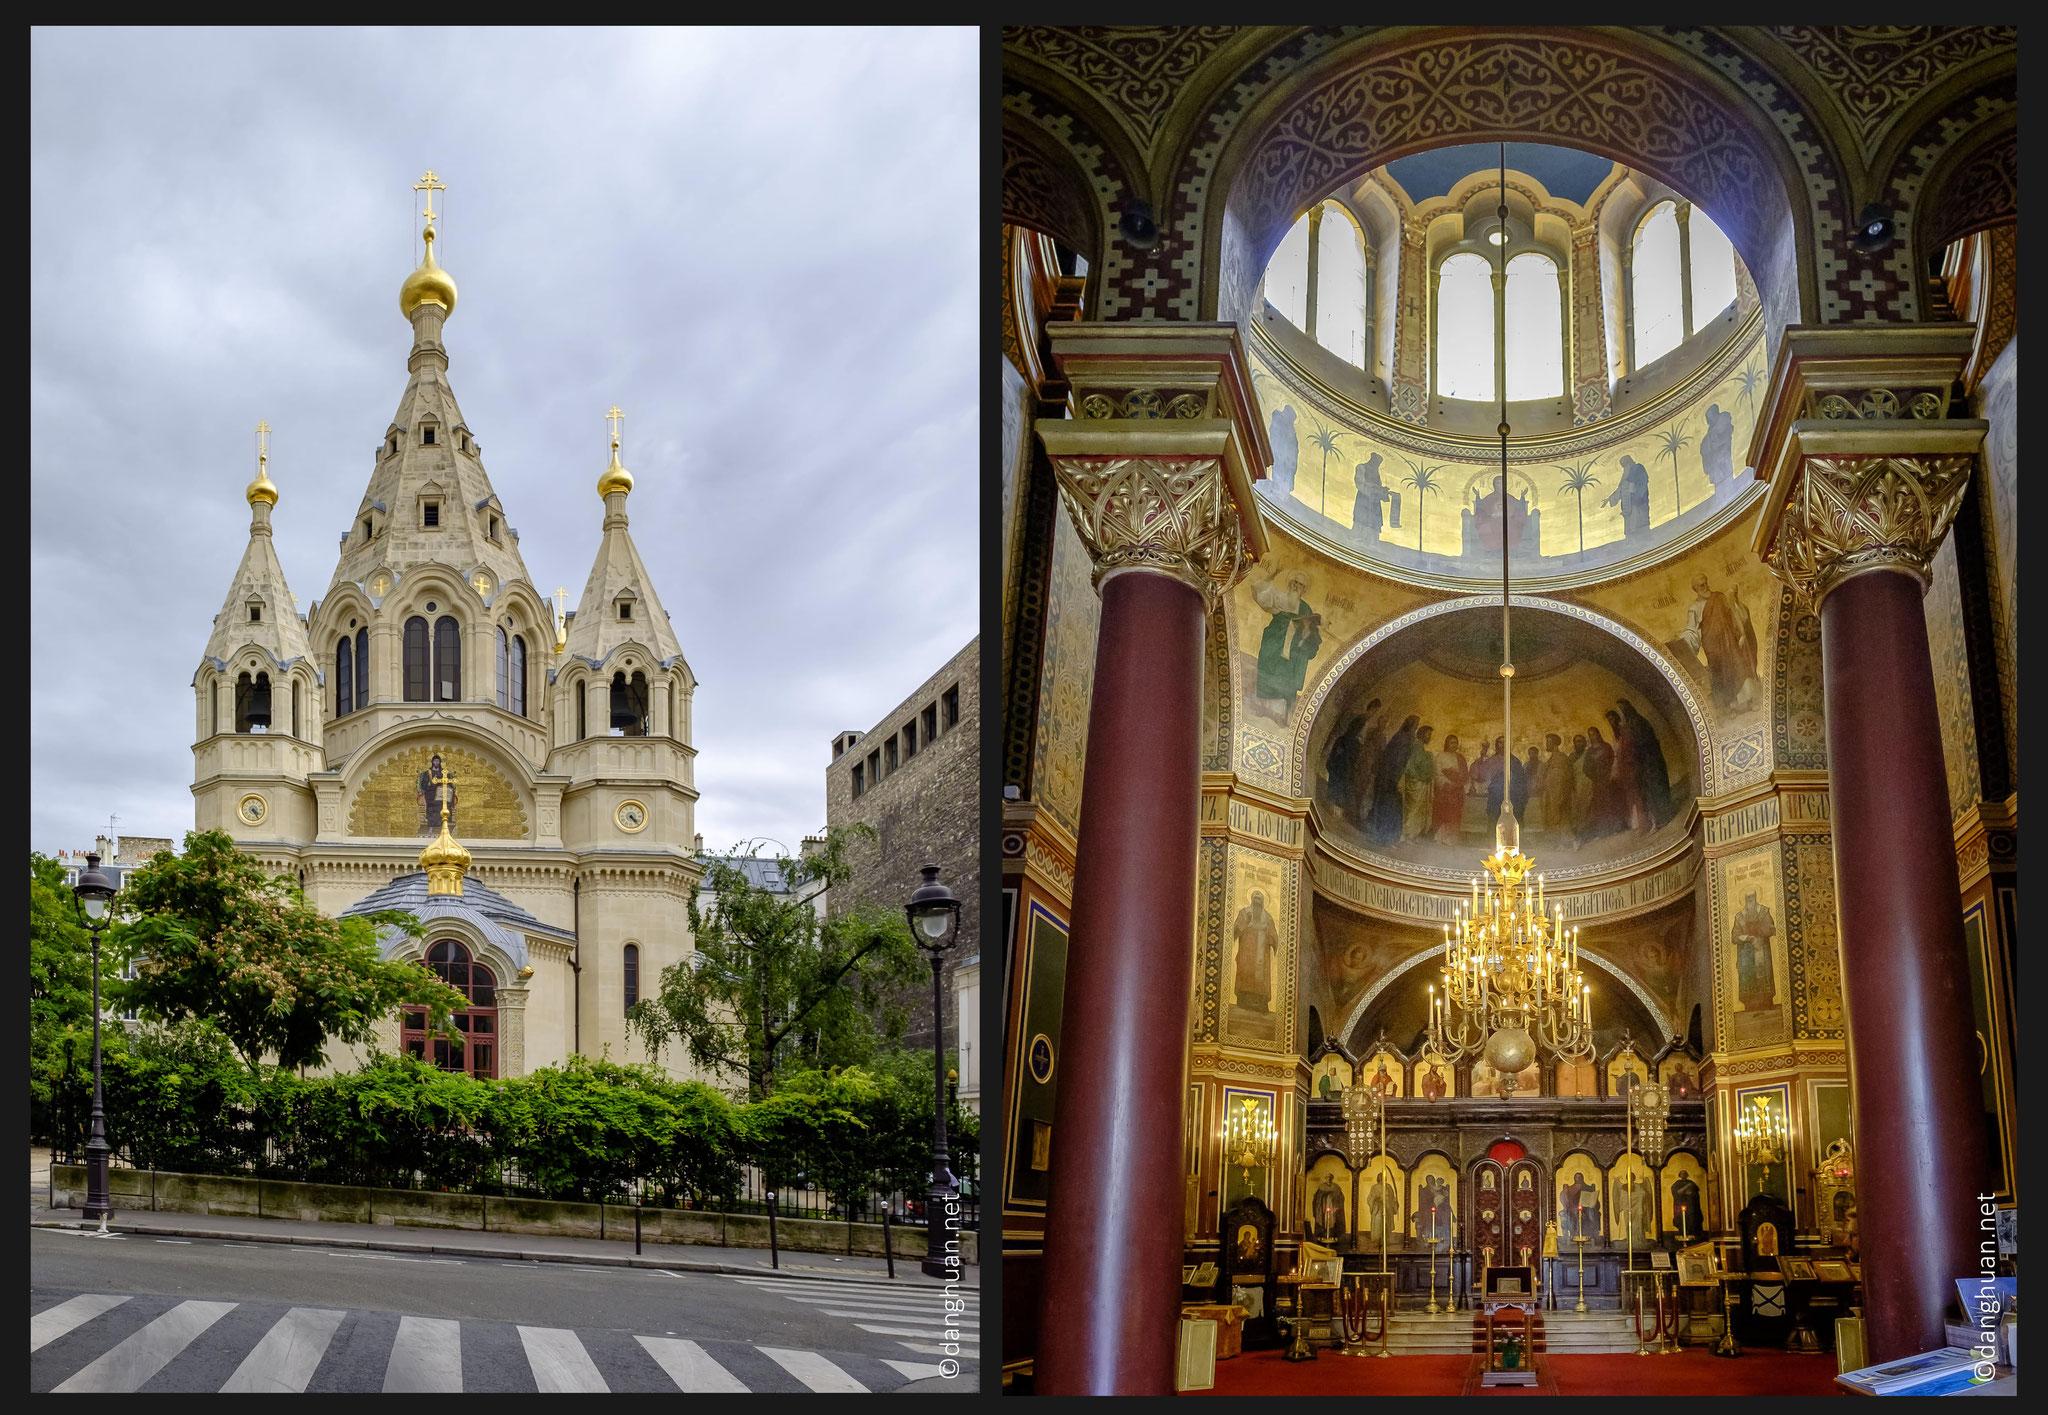 Cathédrale orthodoxe St Alexandre Nevsky : située à Paris, 12, rue Daru, dans le 8e arrondissement.